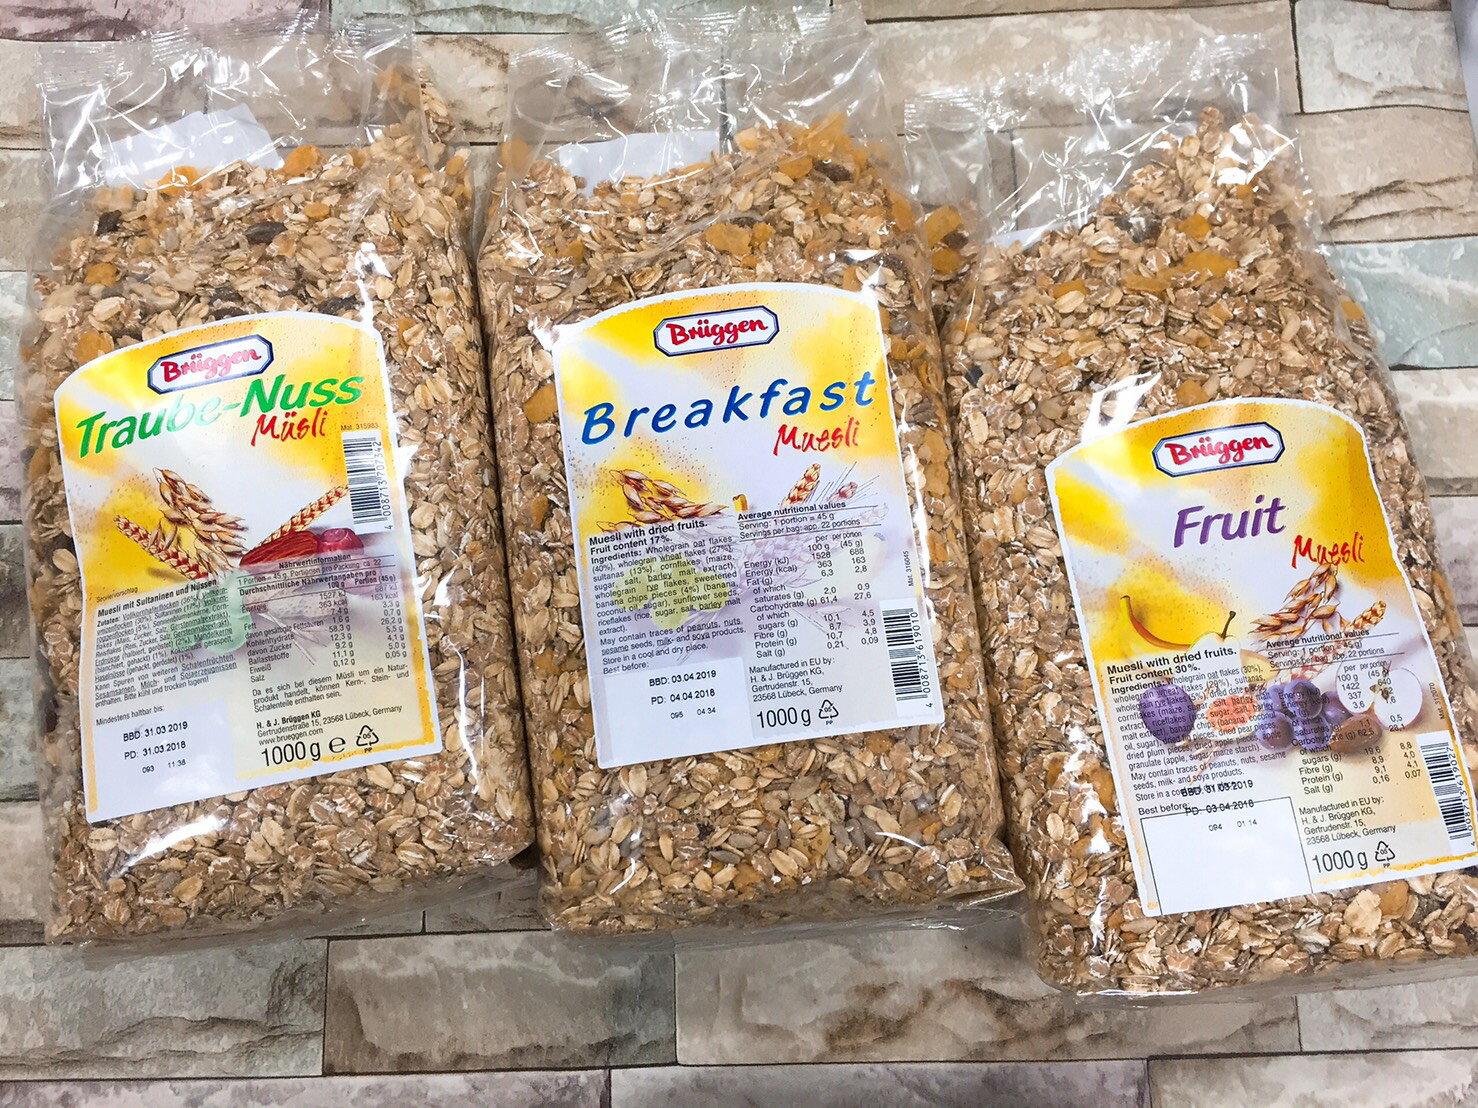 慧鴻 綜合穀物 綜合麥片 水果麥片 堅果麥片 早餐麥片1000g(早餐綜合穀物/綜合堅果穀物(含葡萄乾)/水果綜合穀物)